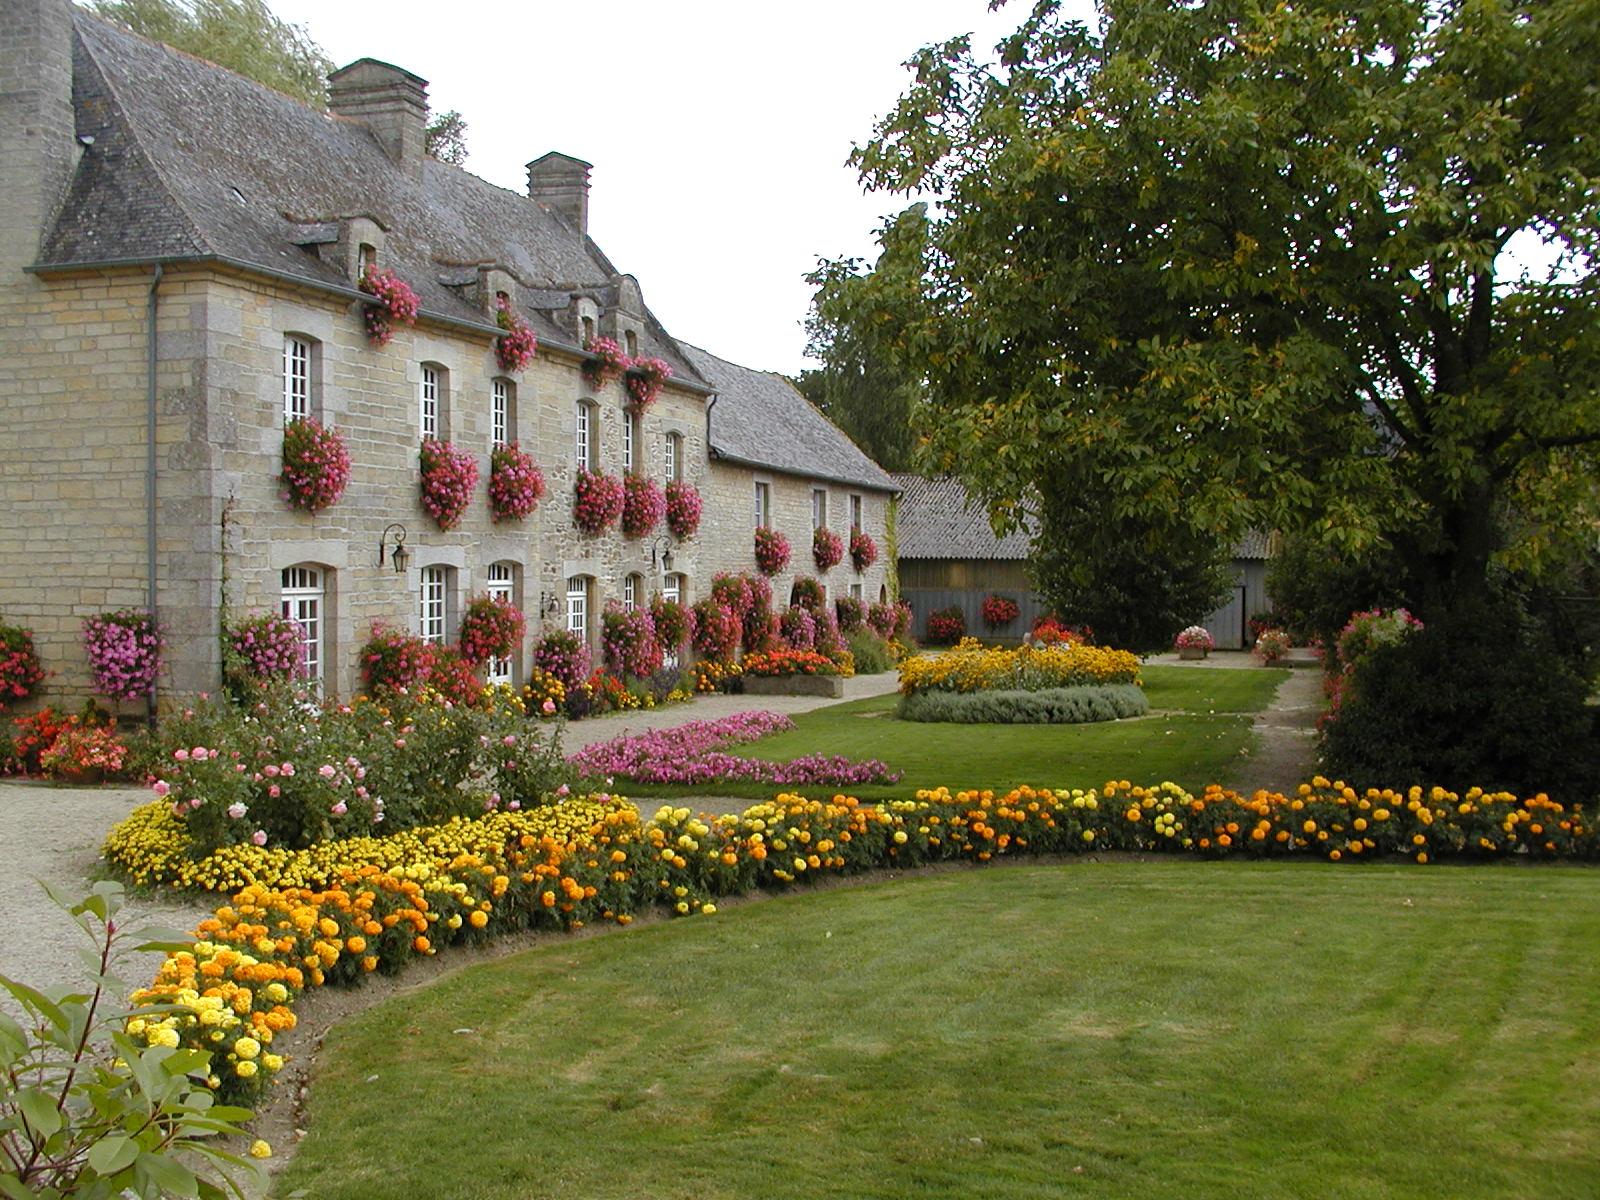 Ein schöner Bauernhof in St. Juvat, Cotes-d'Armor im Nordwesten von Frankreich mit einer prachtvollen Parkanlage vor dem Hof.